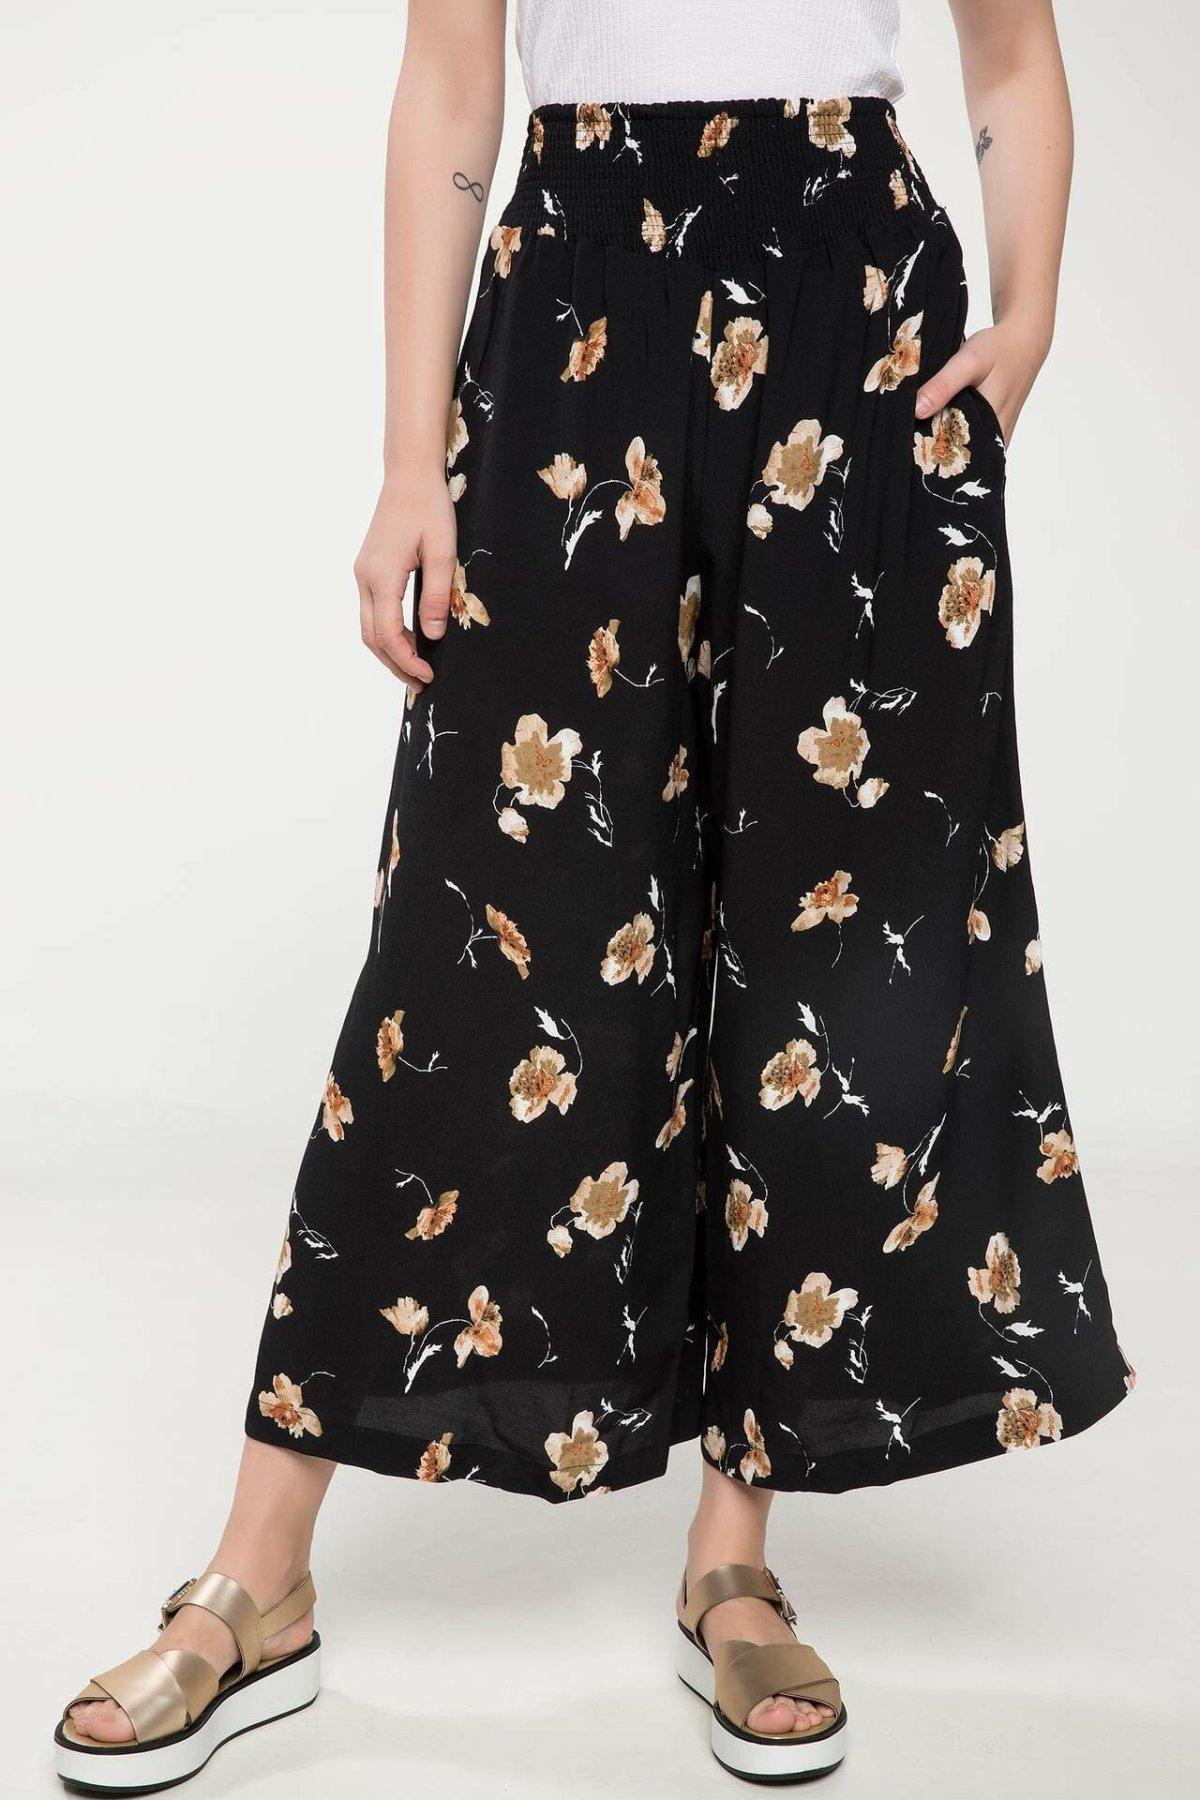 DeFacto Woman Autumn Floral Prints Wide Leg Pants Women Casual Elastic Black Chiffon Pants Female Bottoms Trousers-J6097AZ18HS